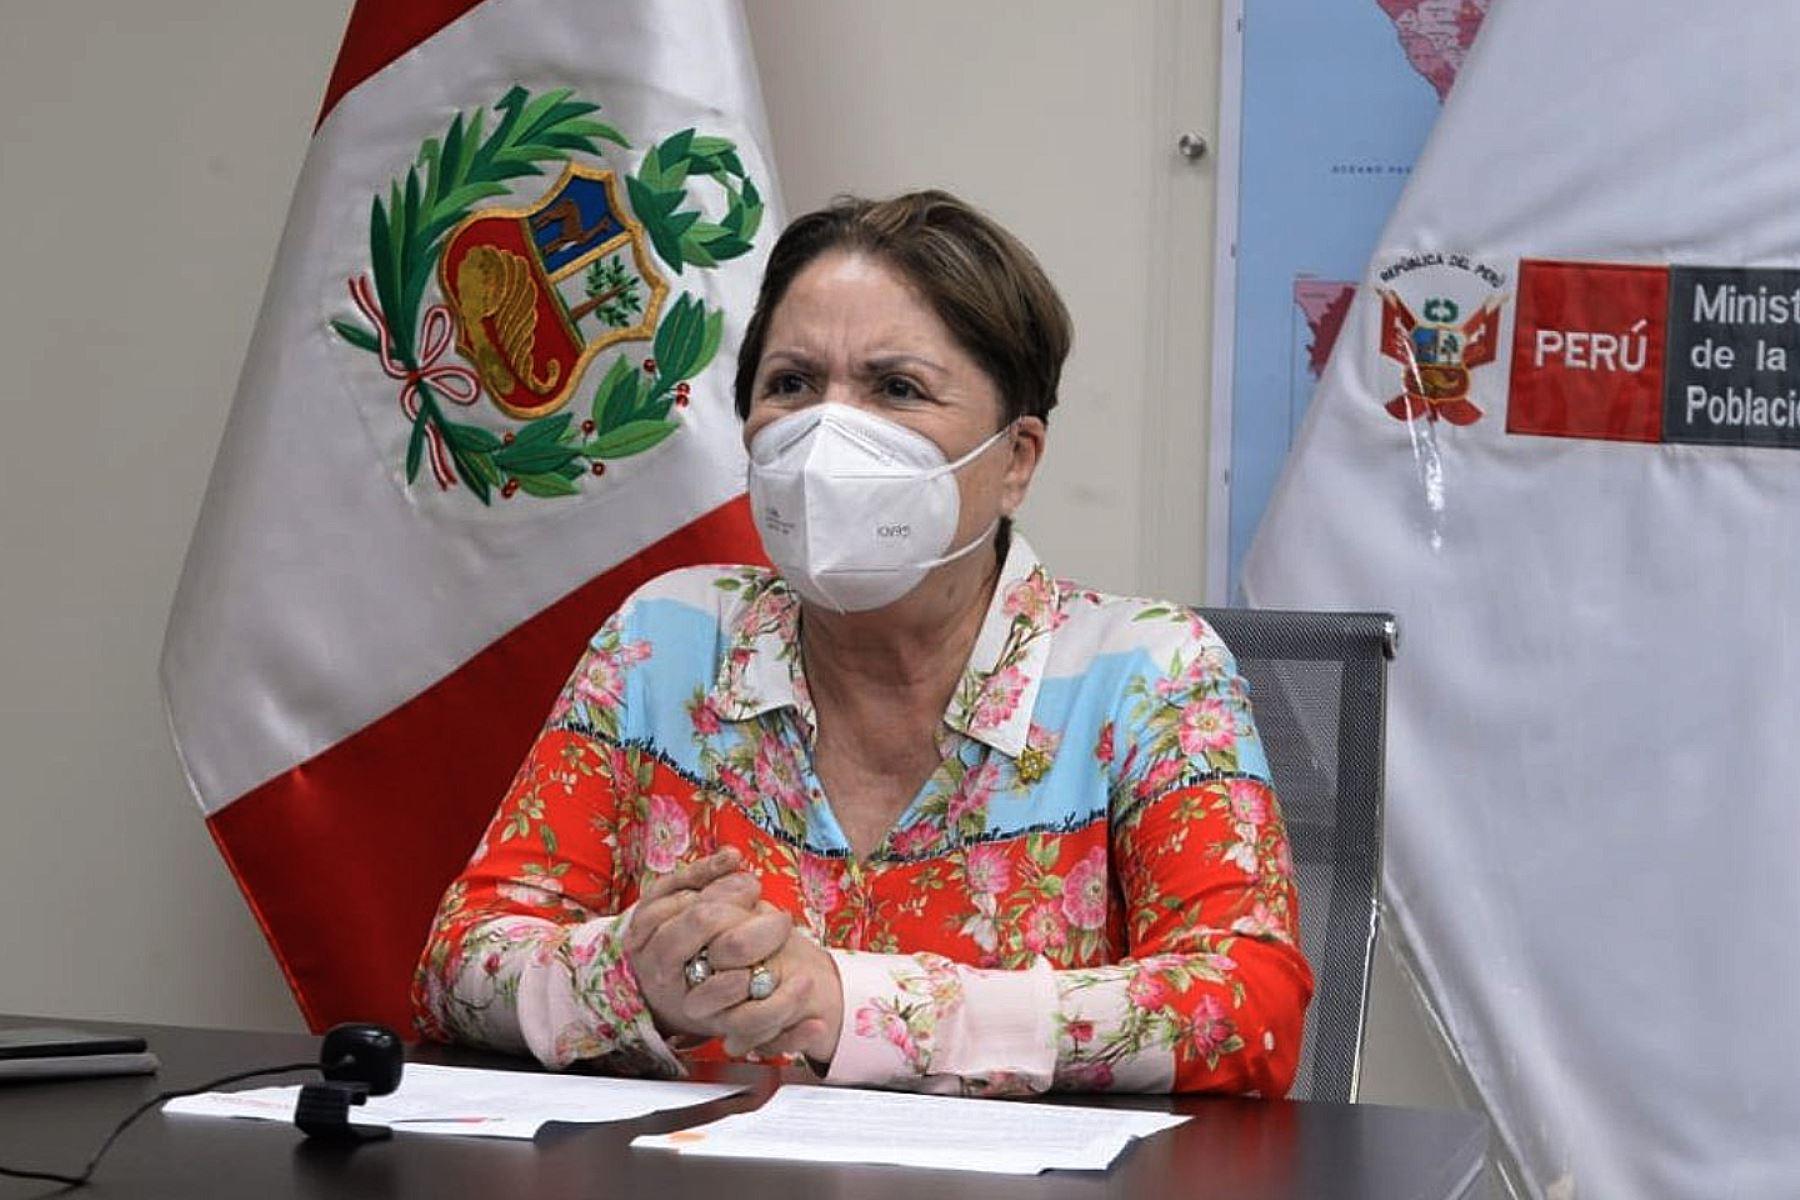 Ministra de la Mujer apela a la responsabilidad y compromiso del Congreso